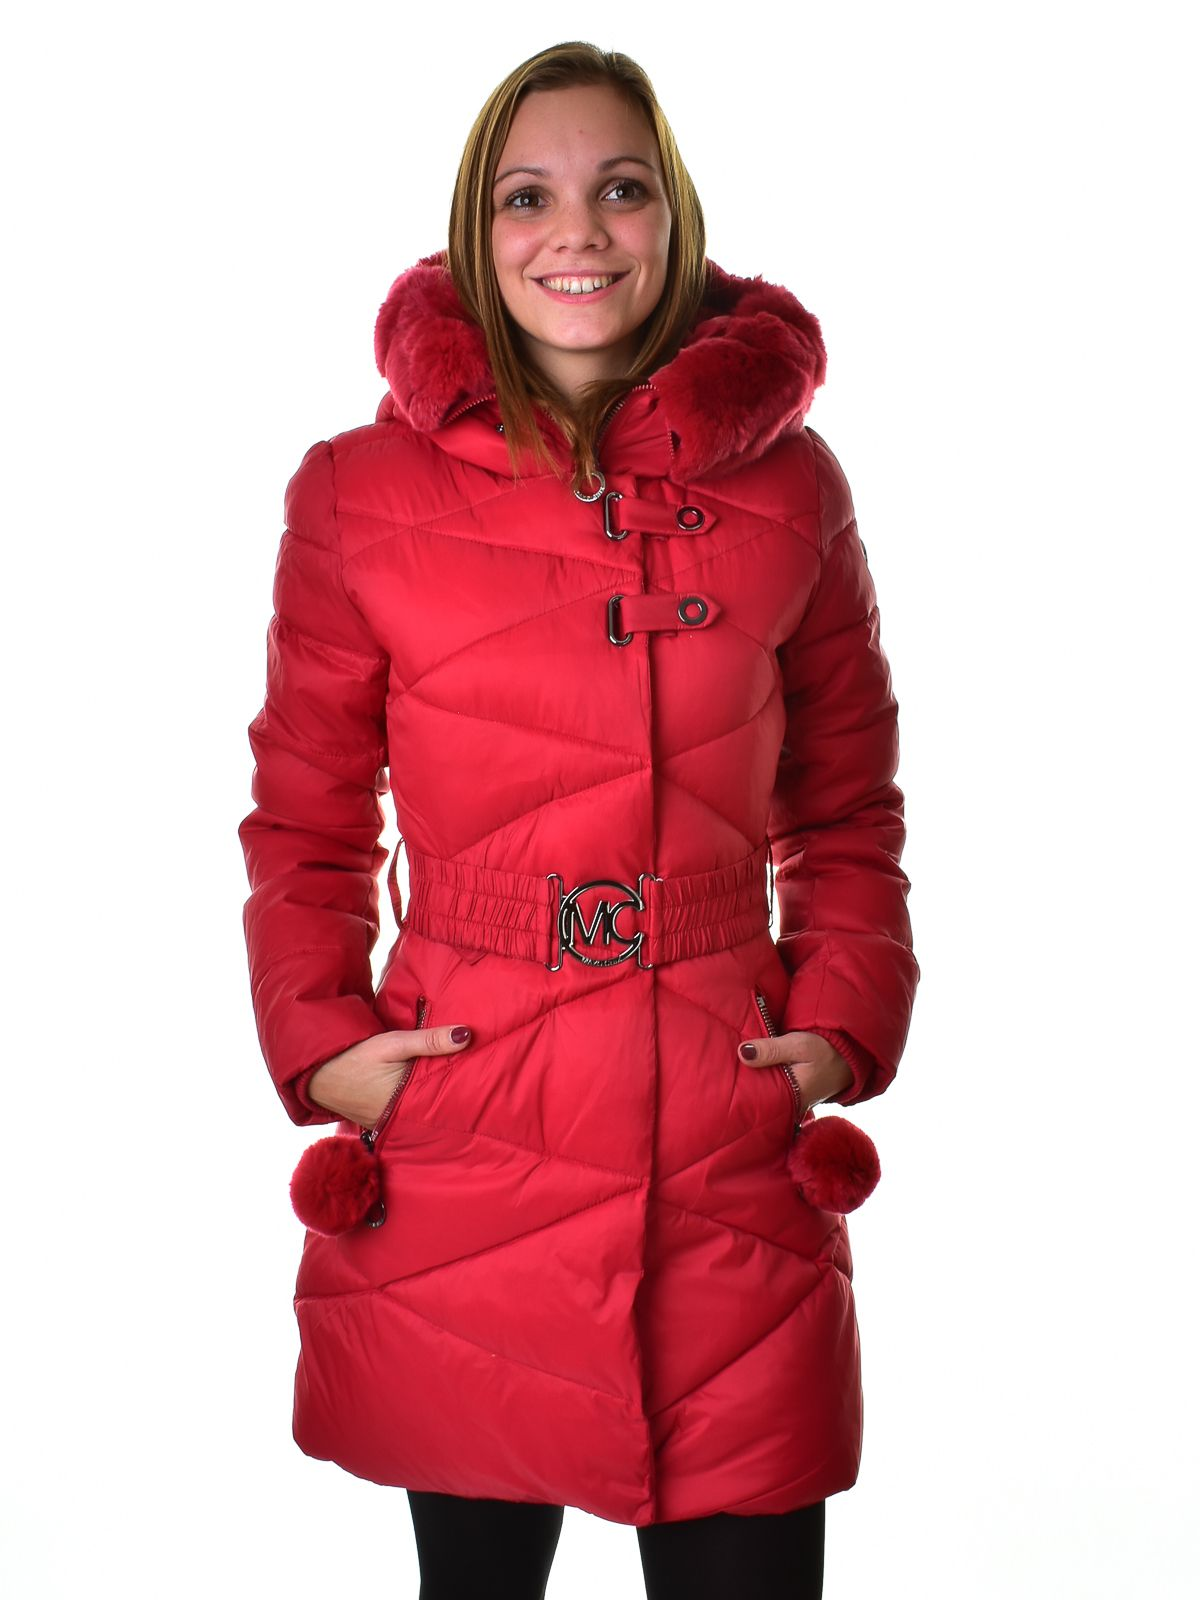 165f5b7bb0 Mayo Chix női kabát NARNIA | Markasbolt.hu Hivatalos Mayo Chix ...